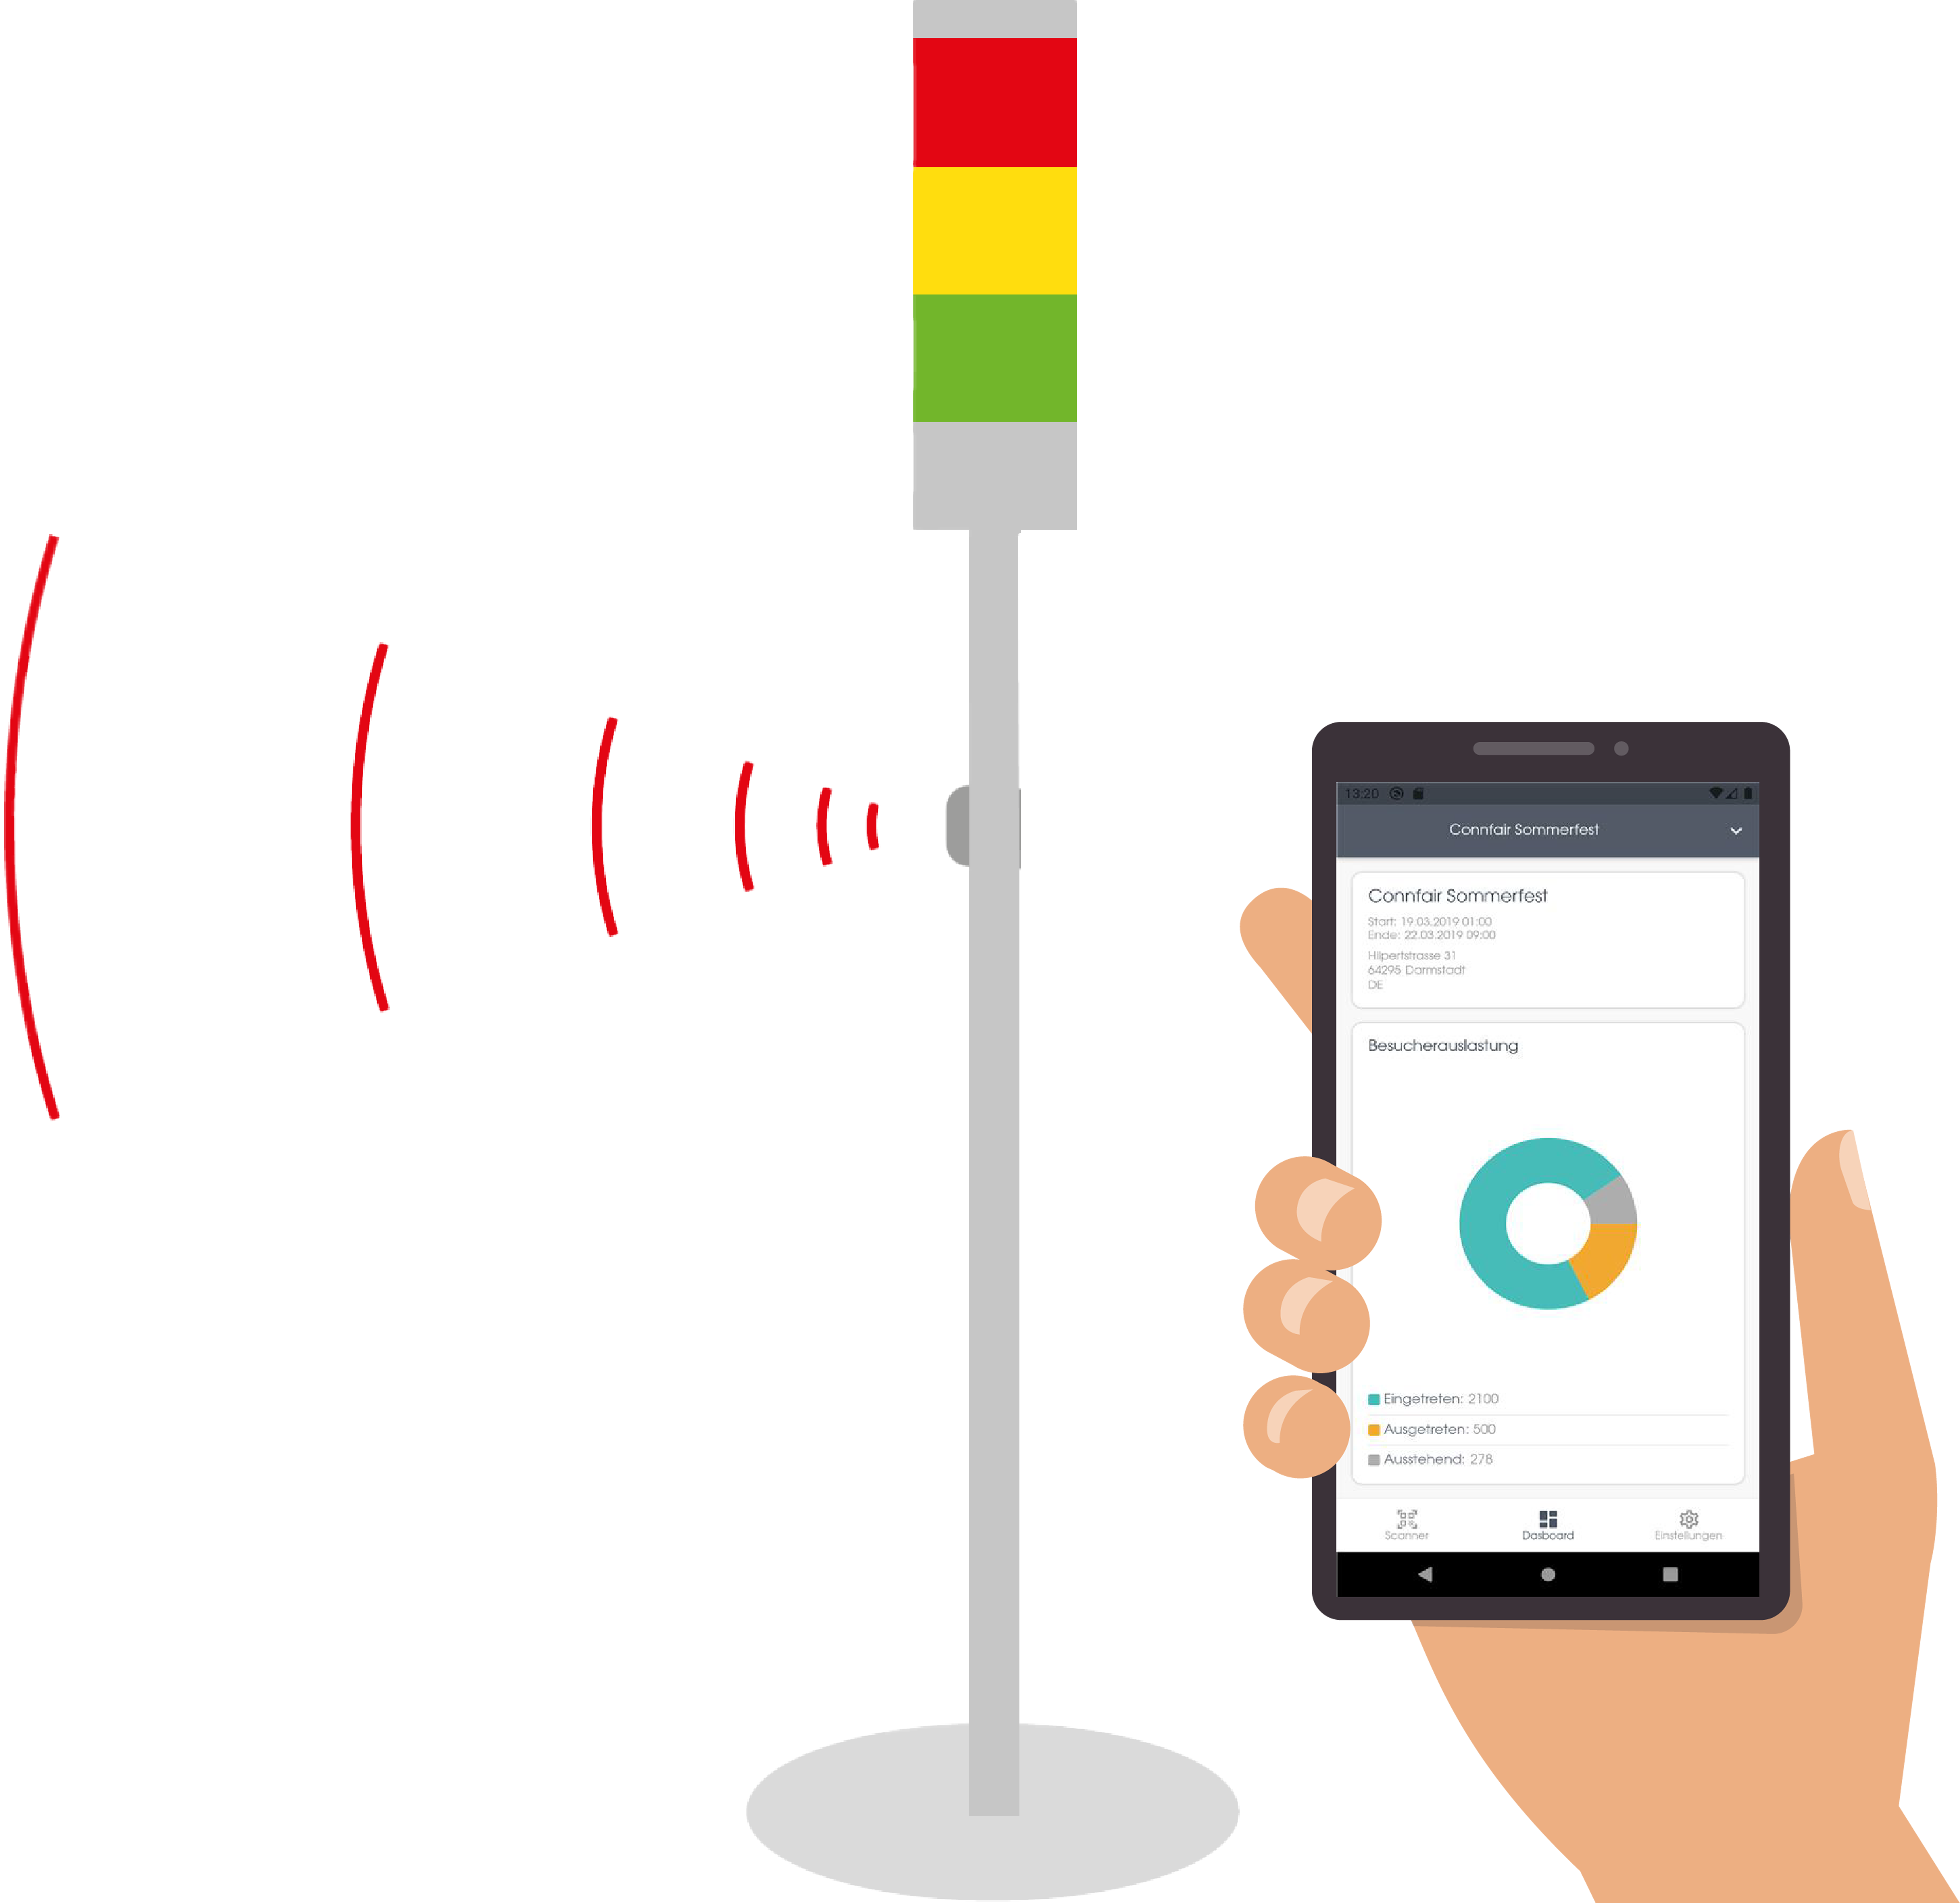 Eine Ampel steuert die Auslastung. Eine Hand hält ein Smartphone, auf dem die Connfair admin App zur Besucherregistrierung und Einlasskontrolle zu sehen ist.